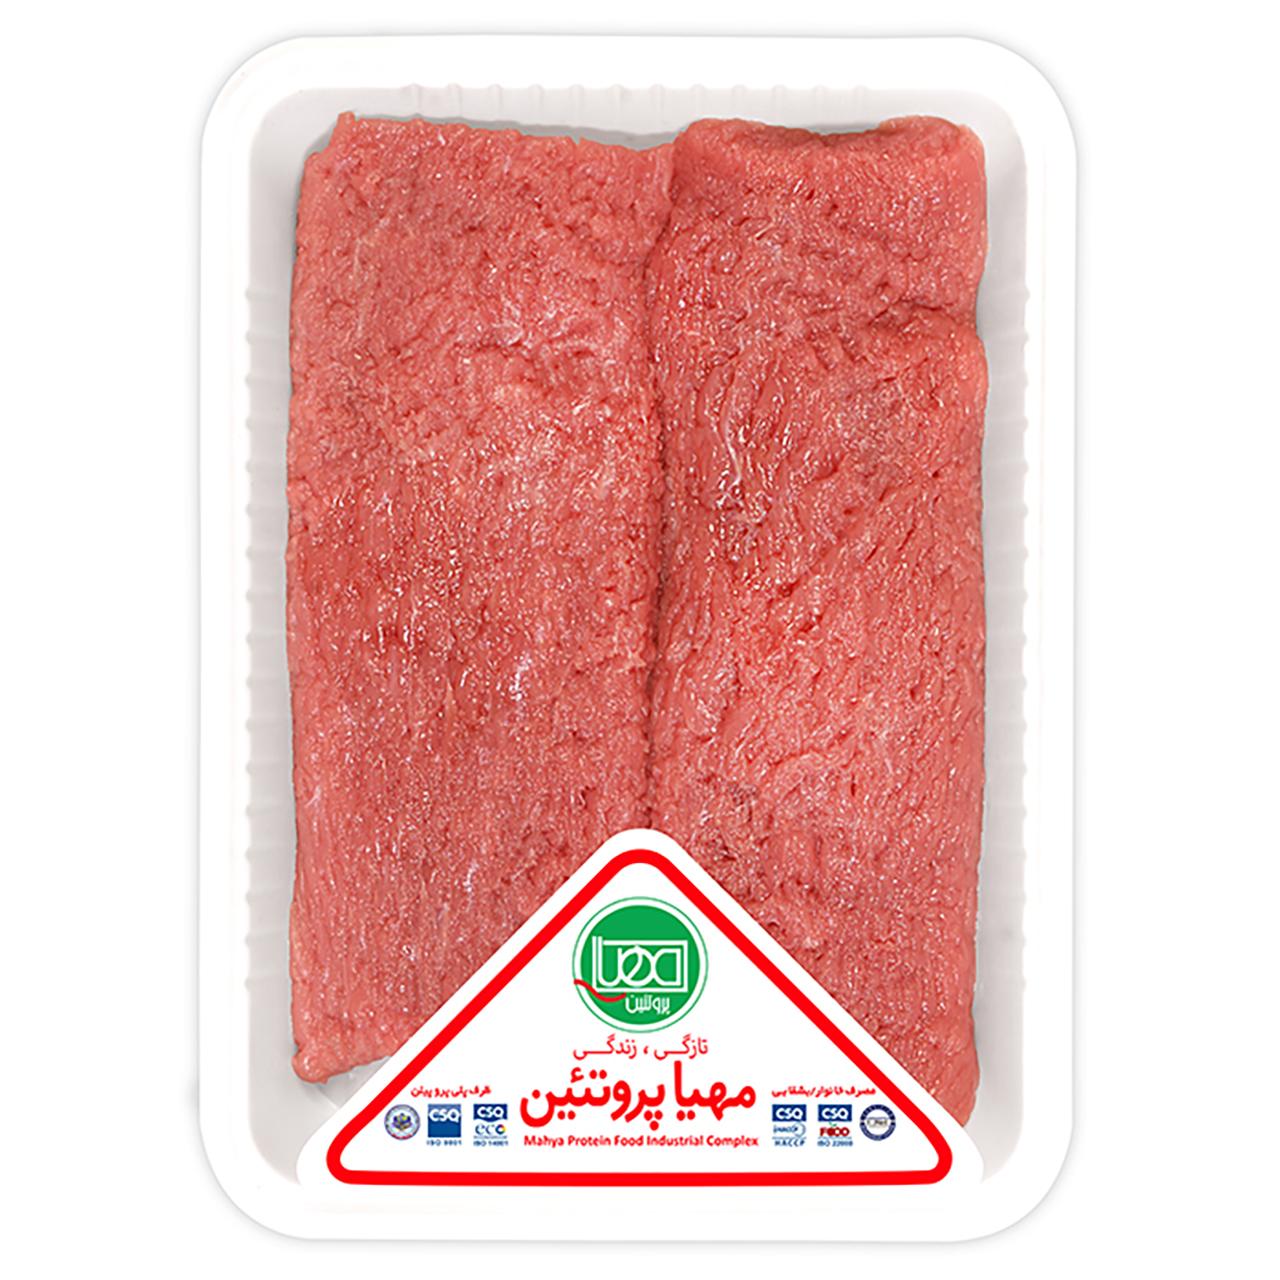 استیک گوساله مهیا پروتئین مقدار 0.5 کیلوگرم